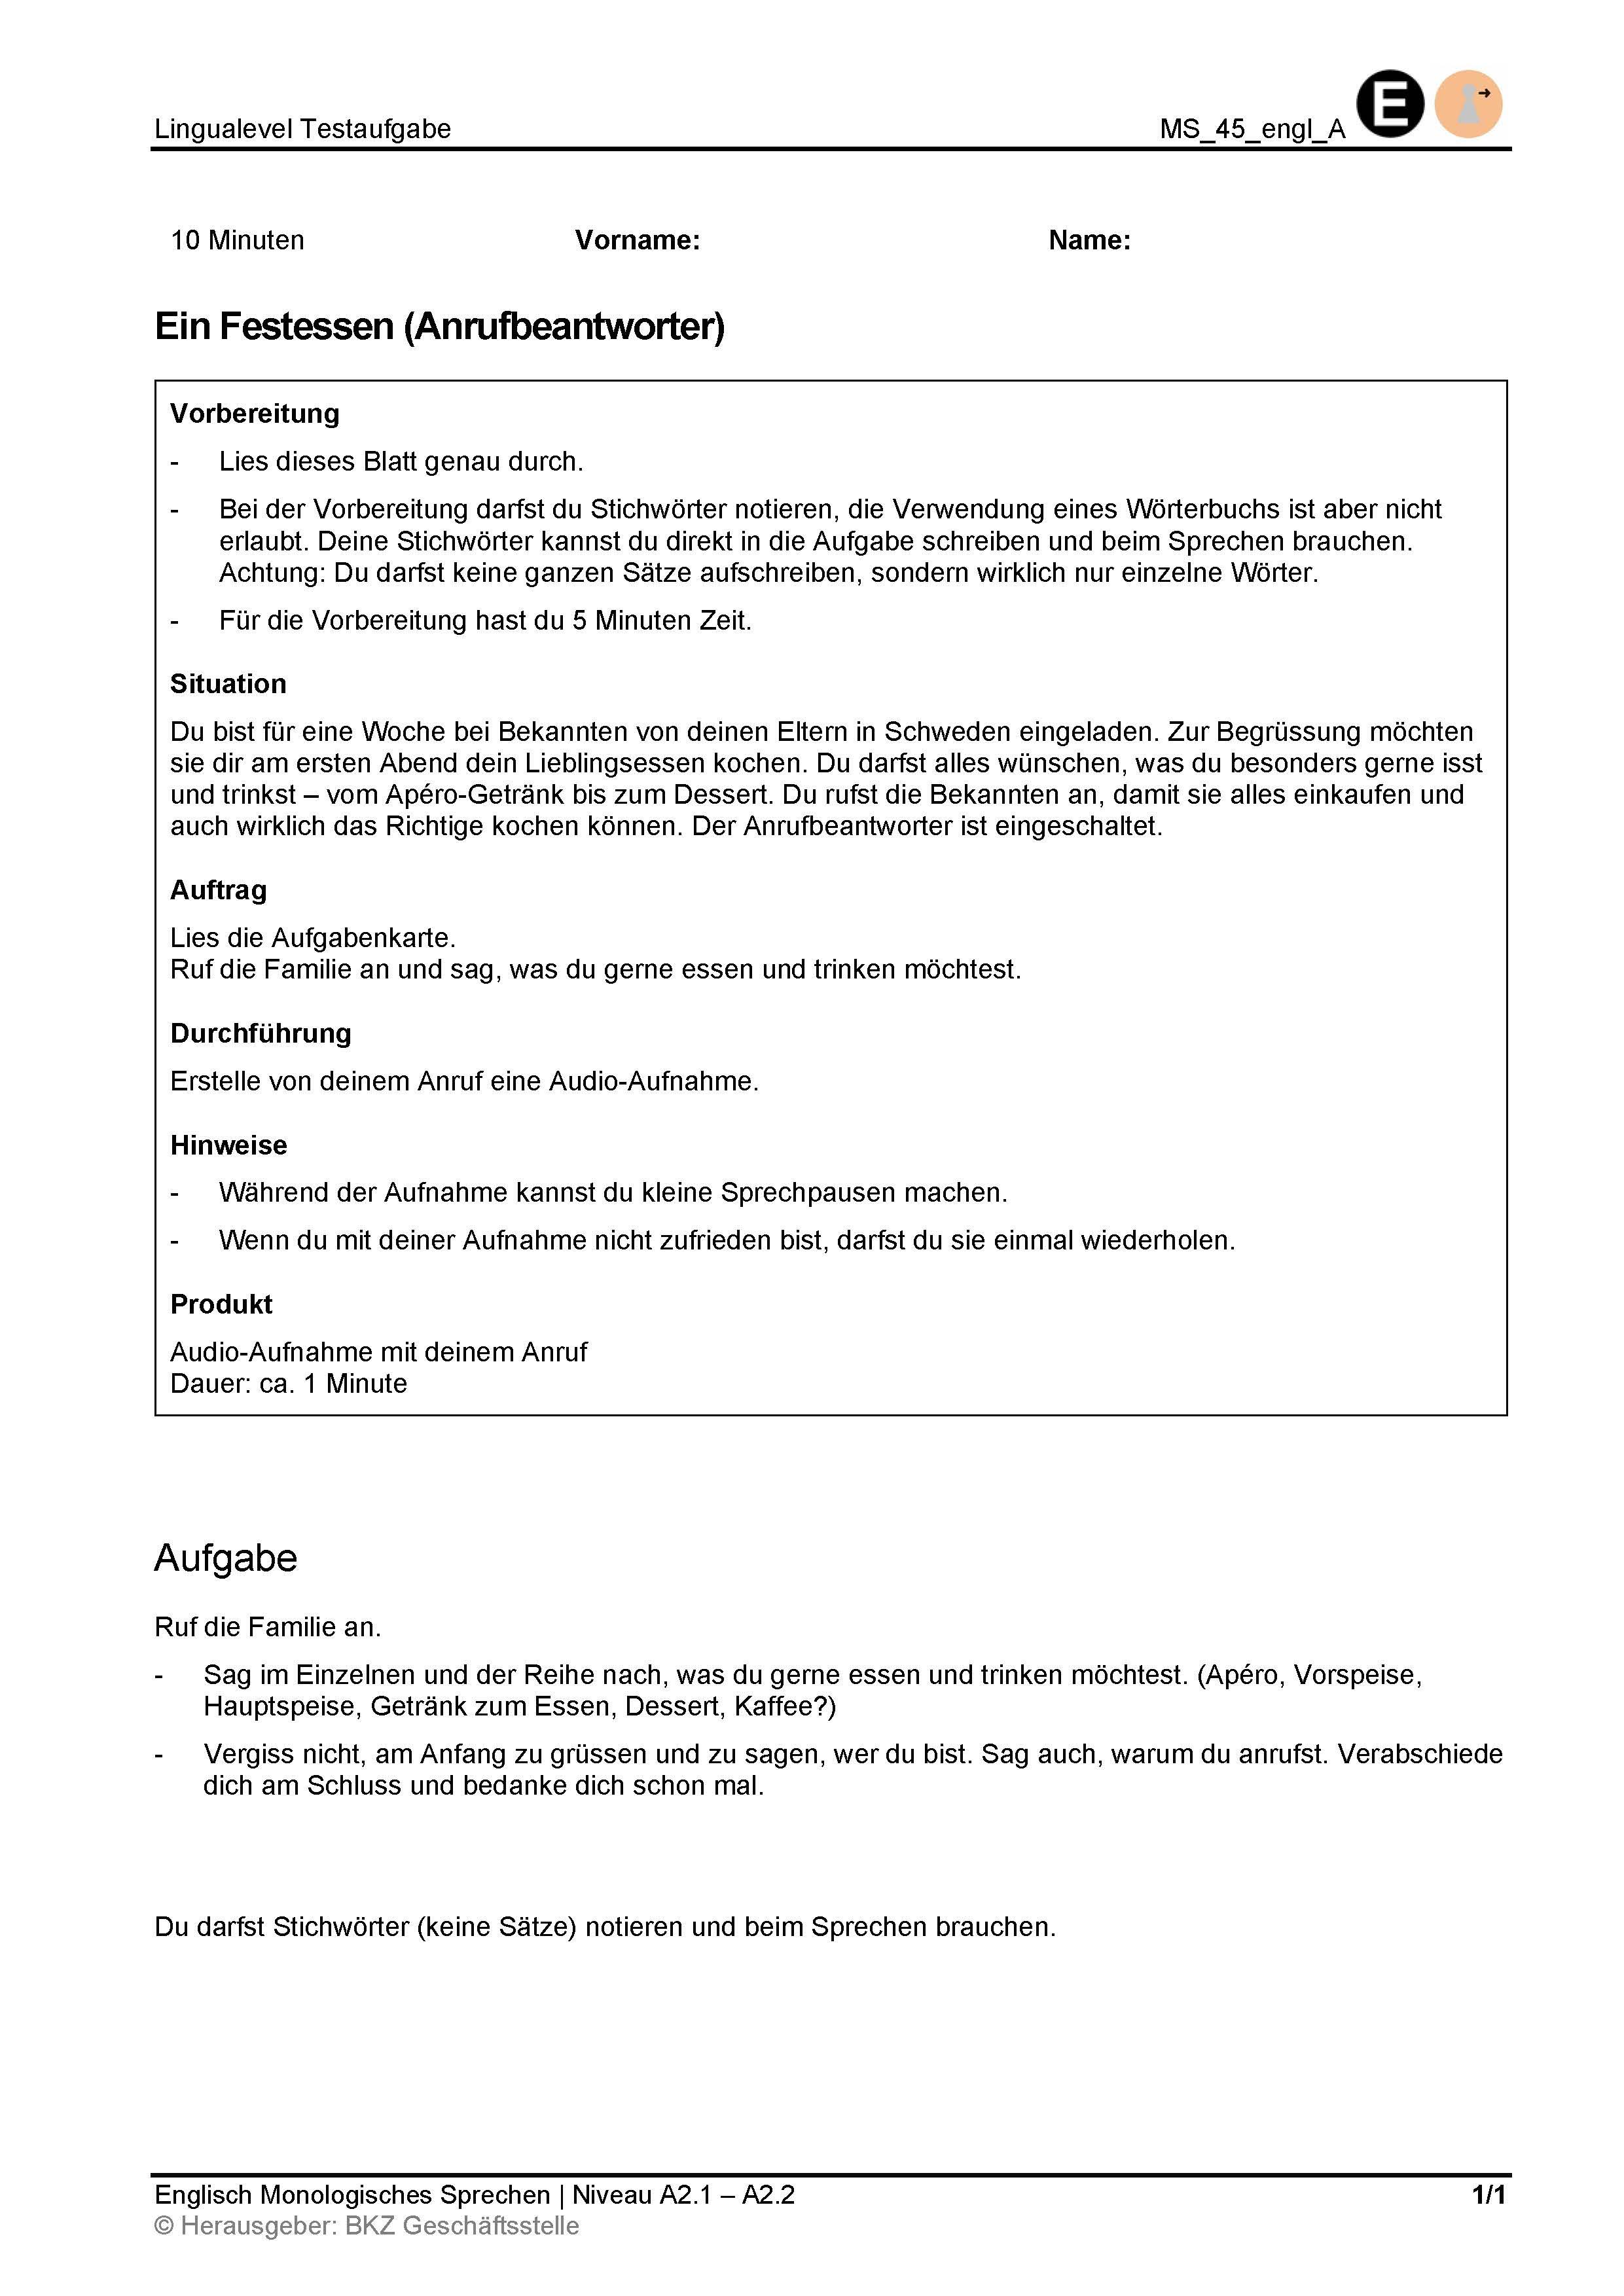 Preview image for LOM object Monologisches Sprechen: Ein Festessen (Anrufbeantworter)